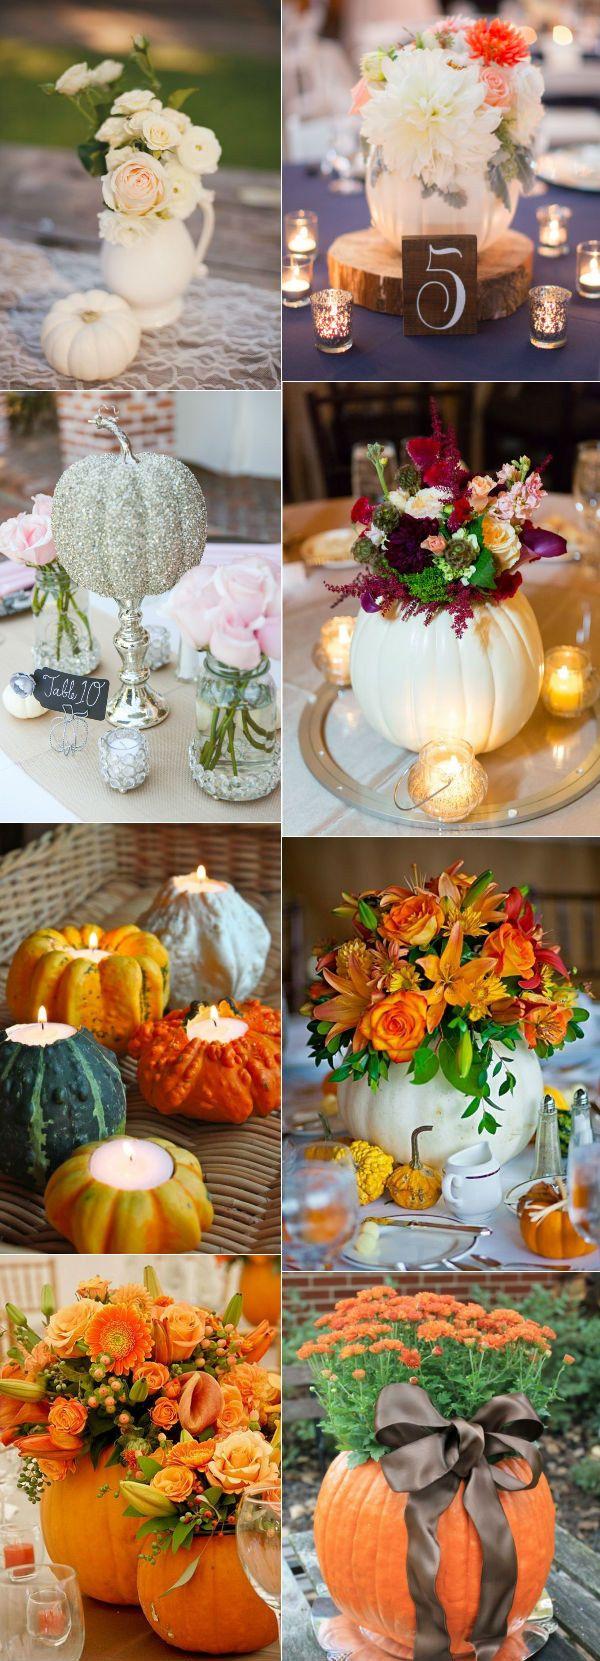 pumpkin inspiration fall wedding centerpieces